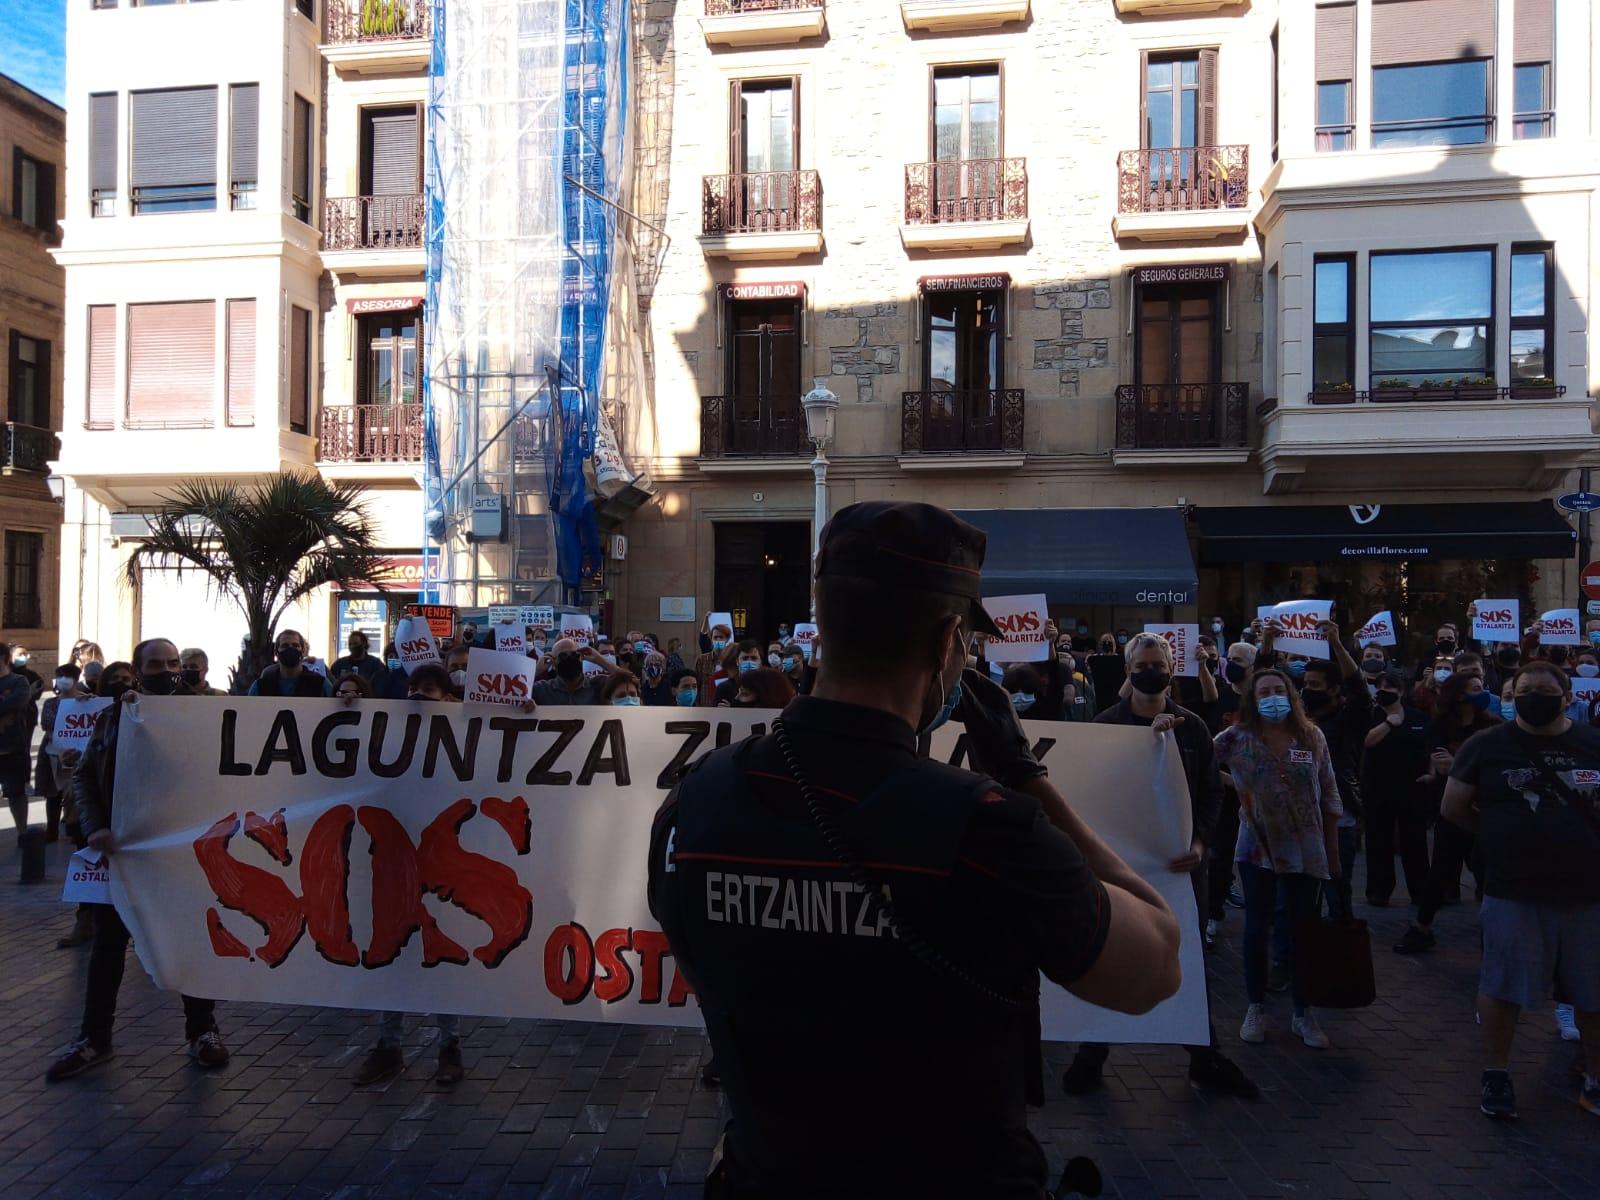 IMG 20201113 WA0008 - Los hosteleros vascos agudizan las protestas por la situación de cierre